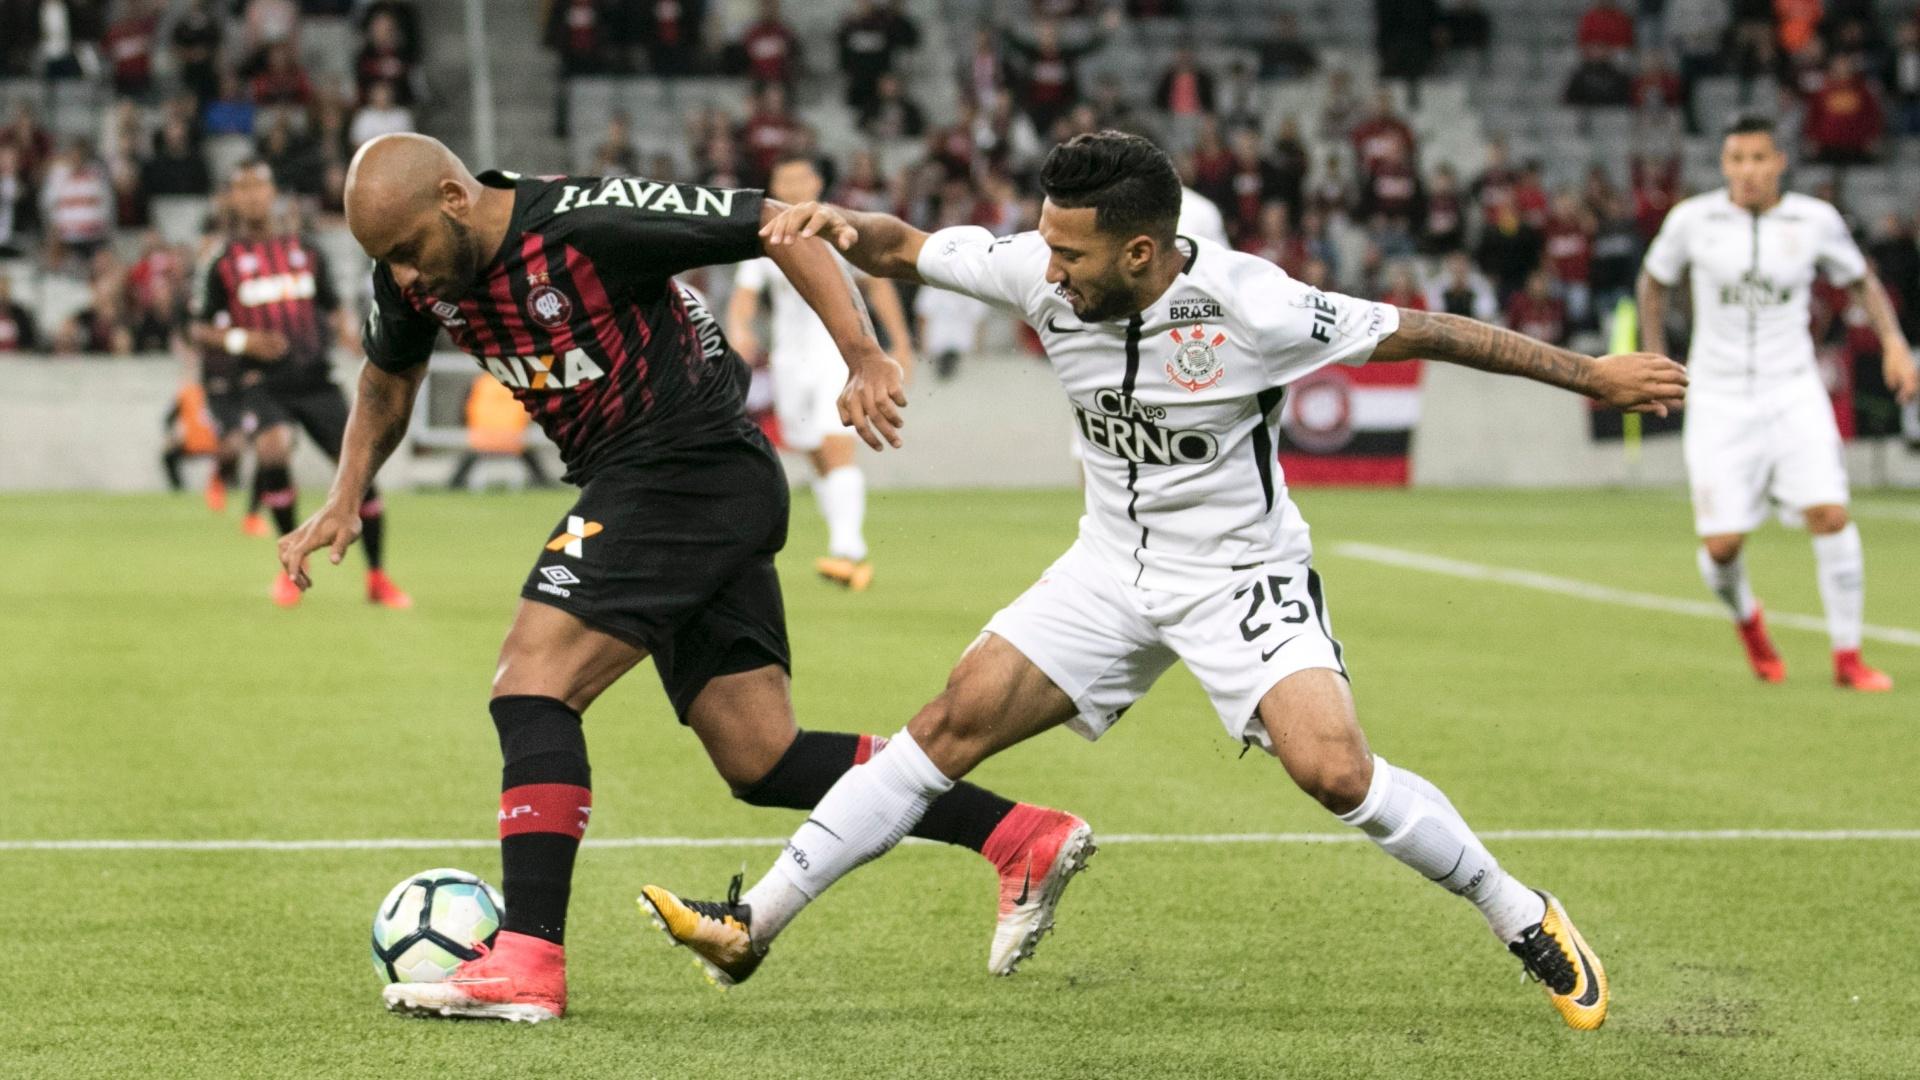 Jonathan disputa bola com Clayson em Atlético-PR e Corinthians pelo Campeonato Brasileiro